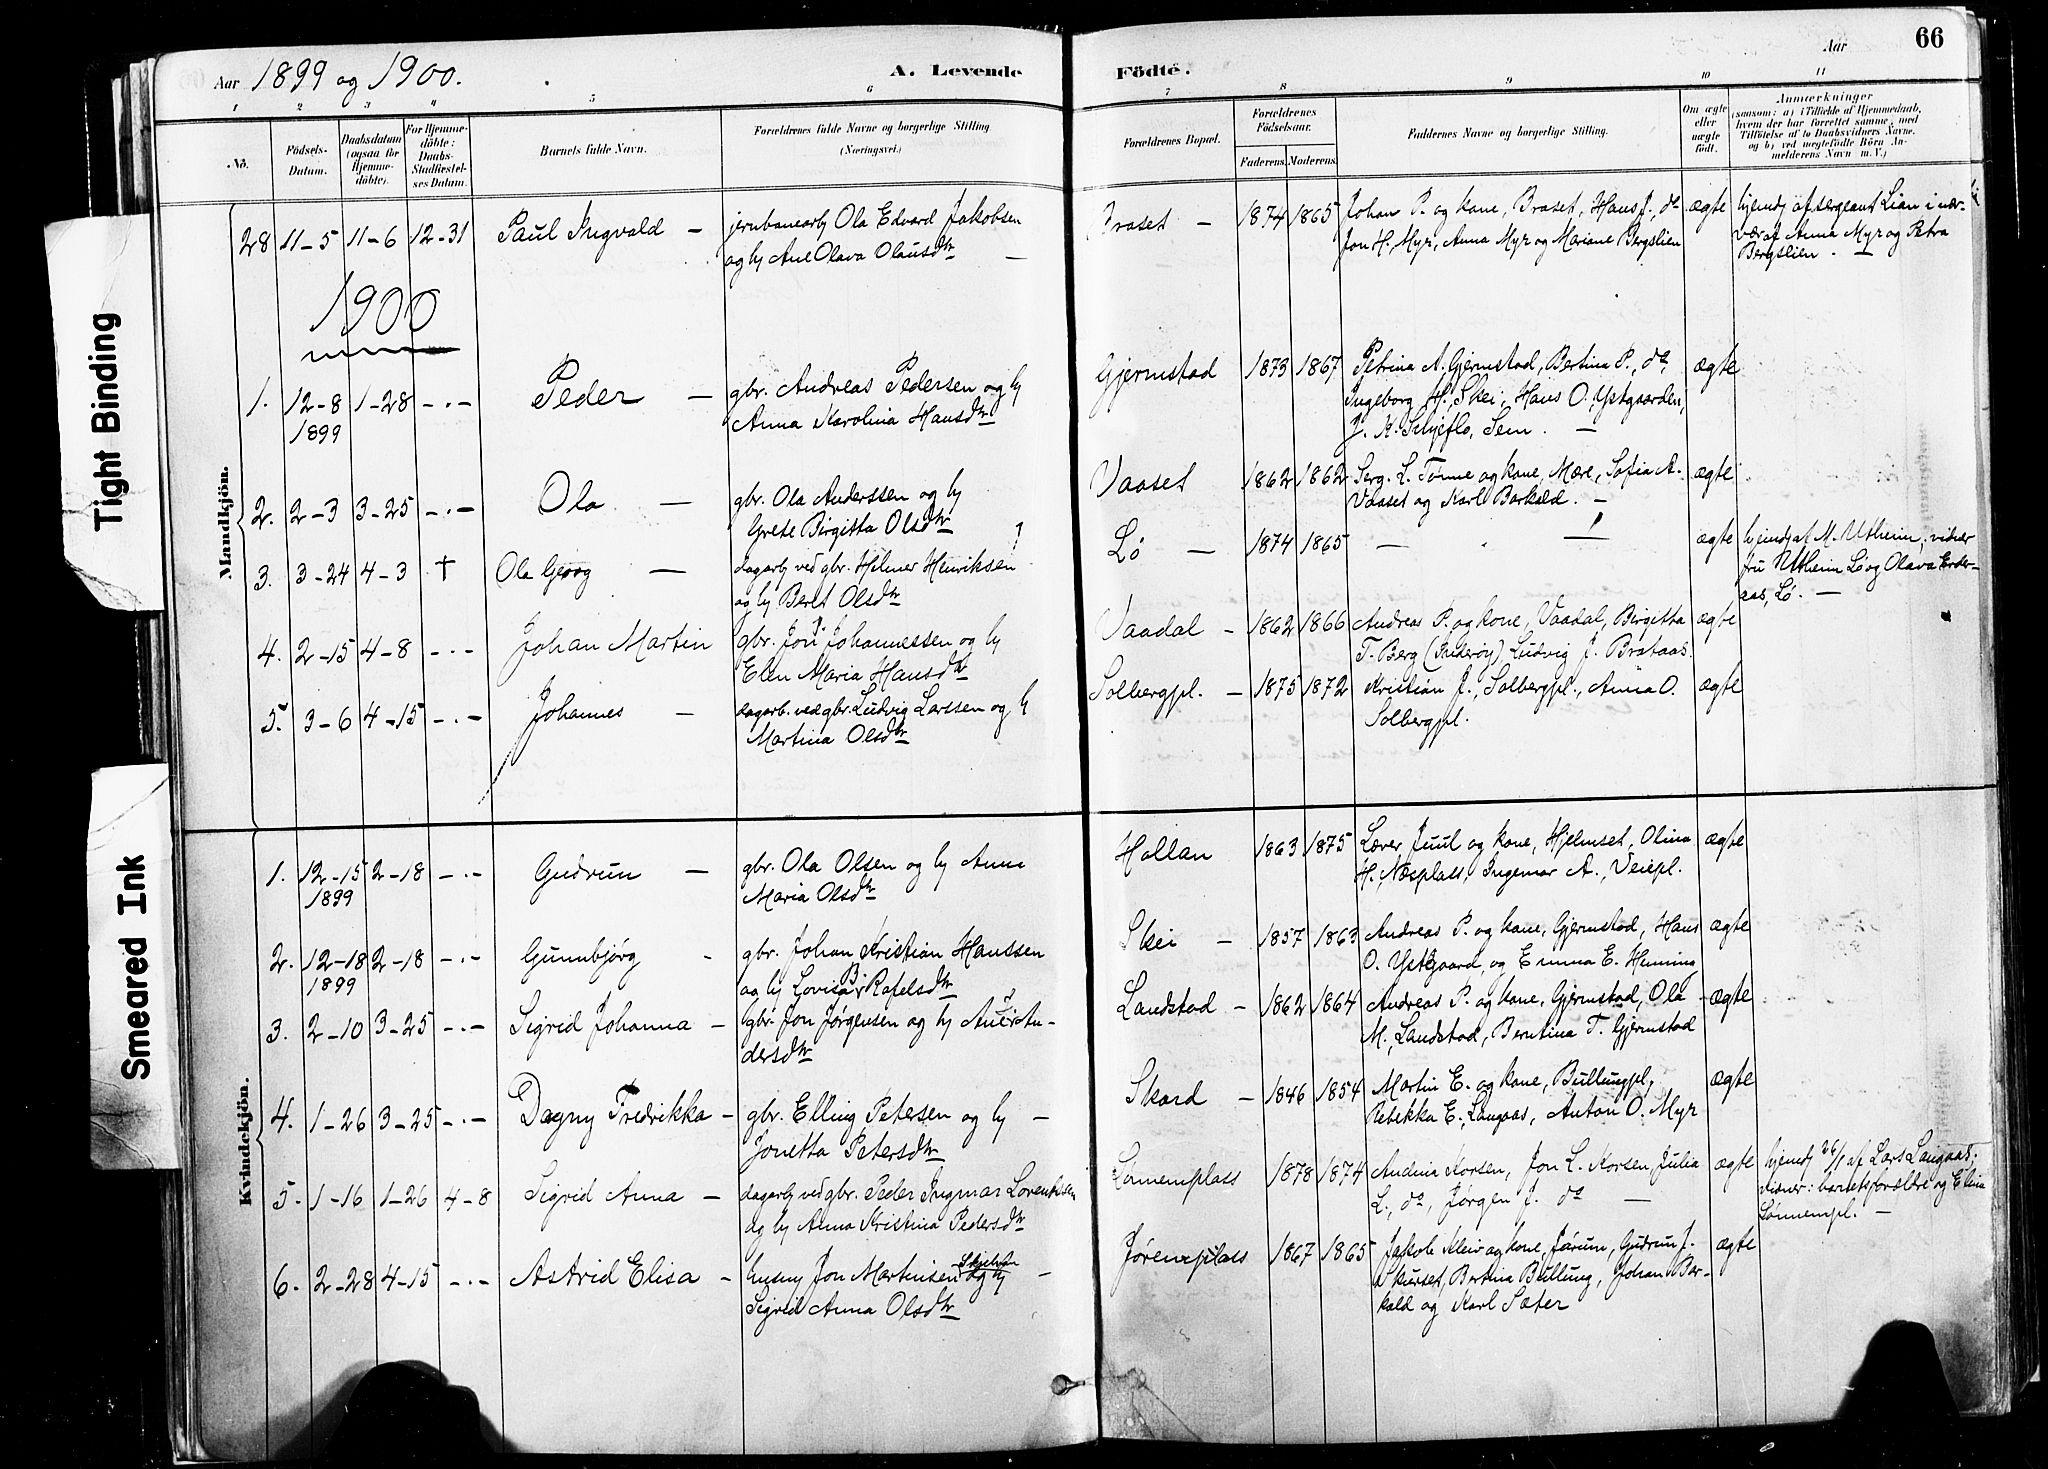 SAT, Ministerialprotokoller, klokkerbøker og fødselsregistre - Nord-Trøndelag, 735/L0351: Ministerialbok nr. 735A10, 1884-1908, s. 66